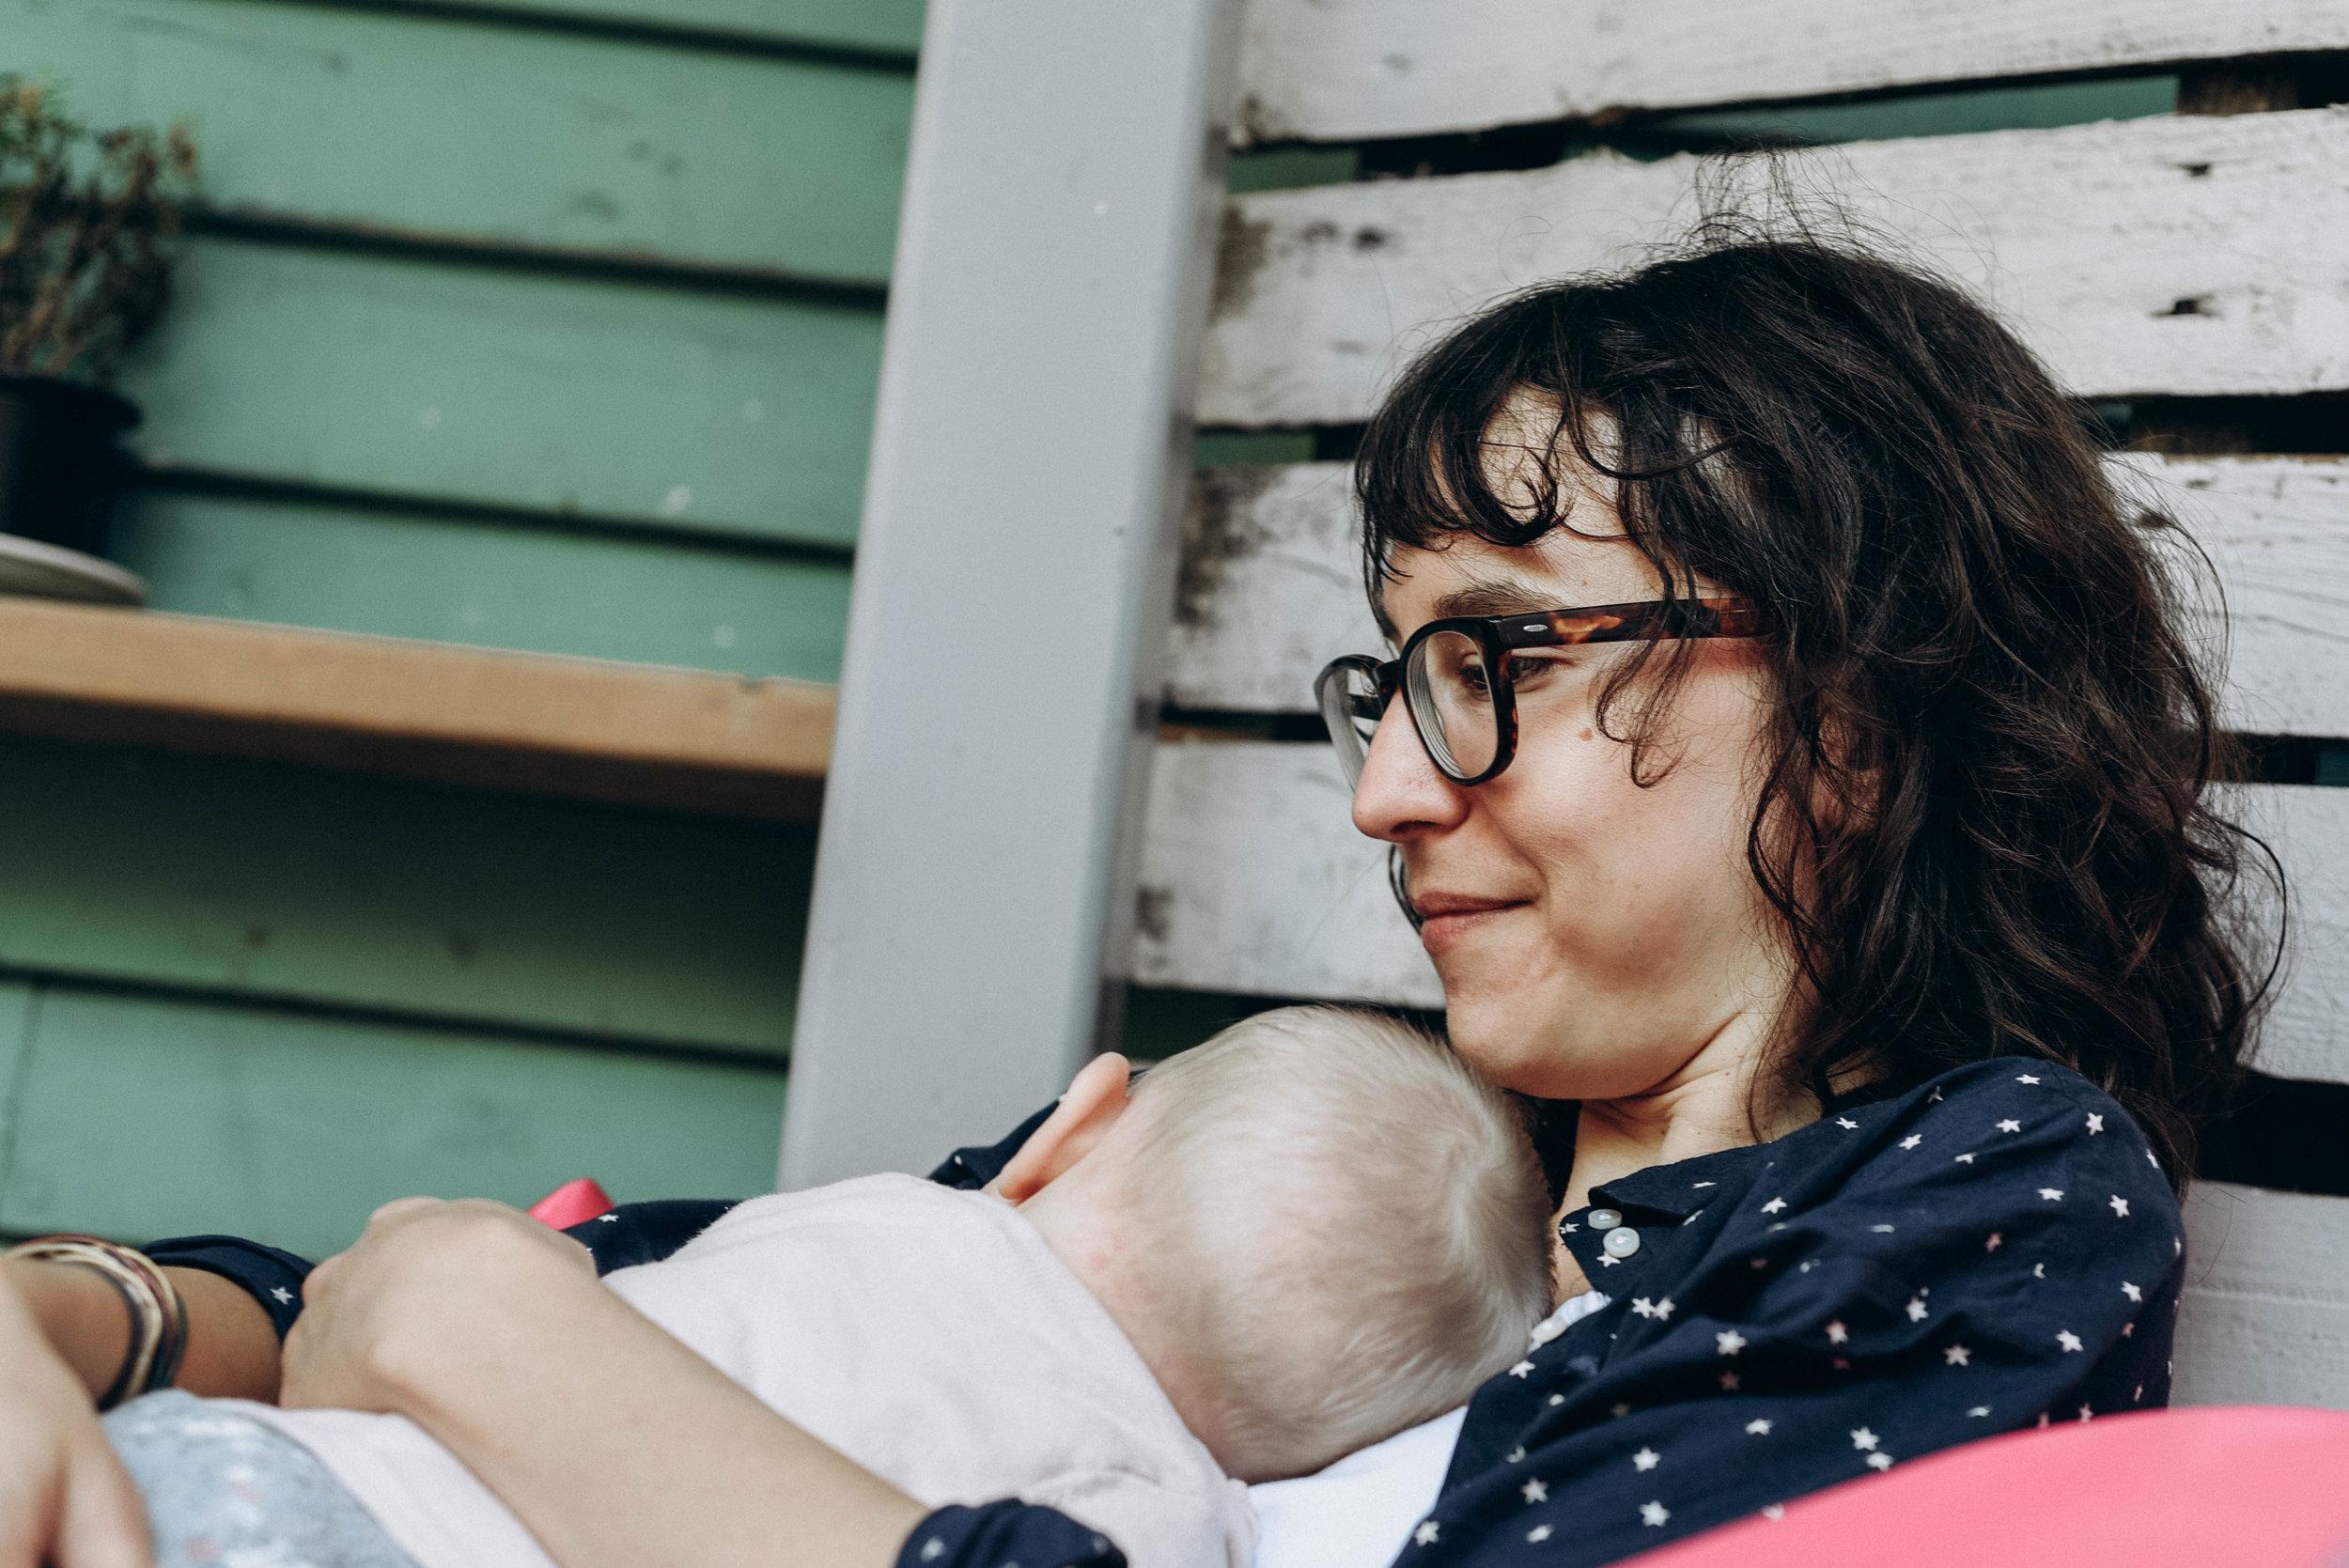 Sara2_Faces_of_Postpartum